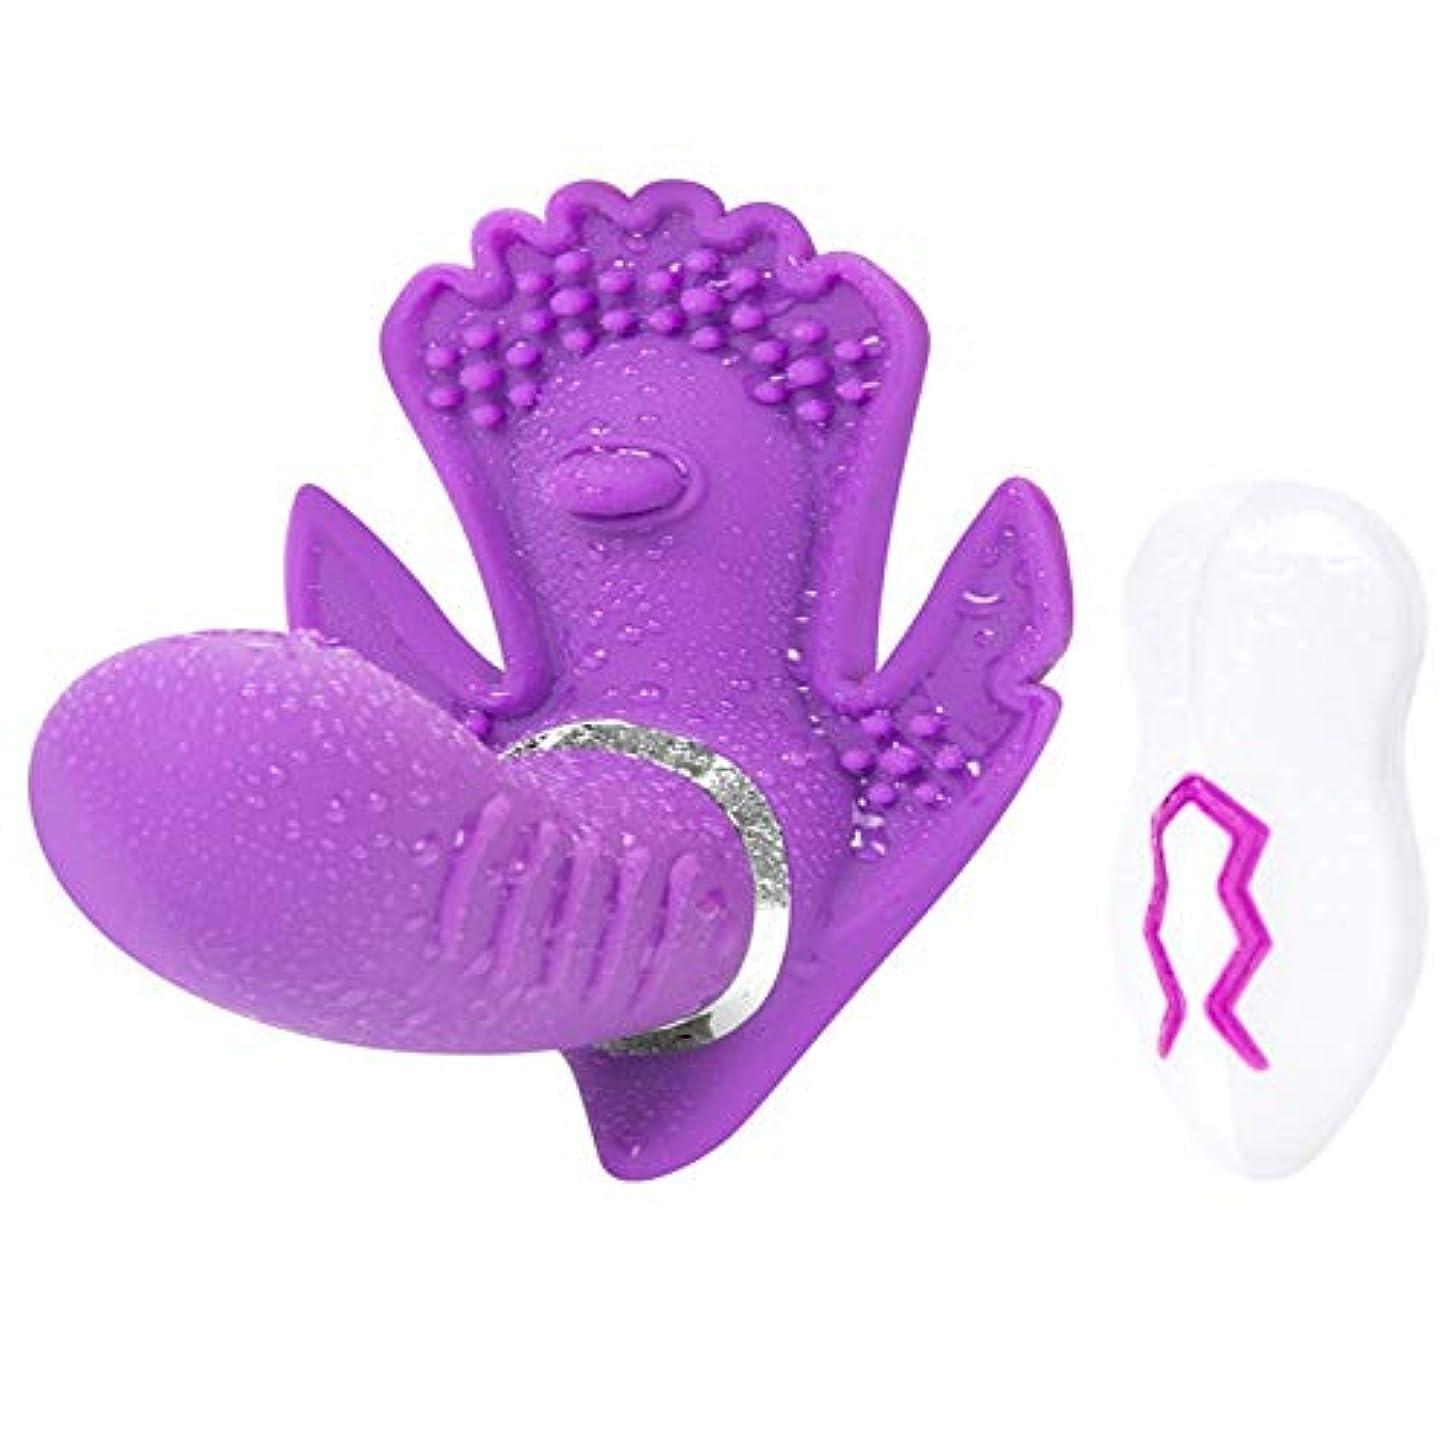 ワーディアンケース無実シエスタXpHealth リモートバイブレーター、パーソナルバイブレーター7種類のバイブレーションウェアラブルワイヤレス防水充電式マッサージ、女性用ユニセックス大人のおもちゃ、女性用